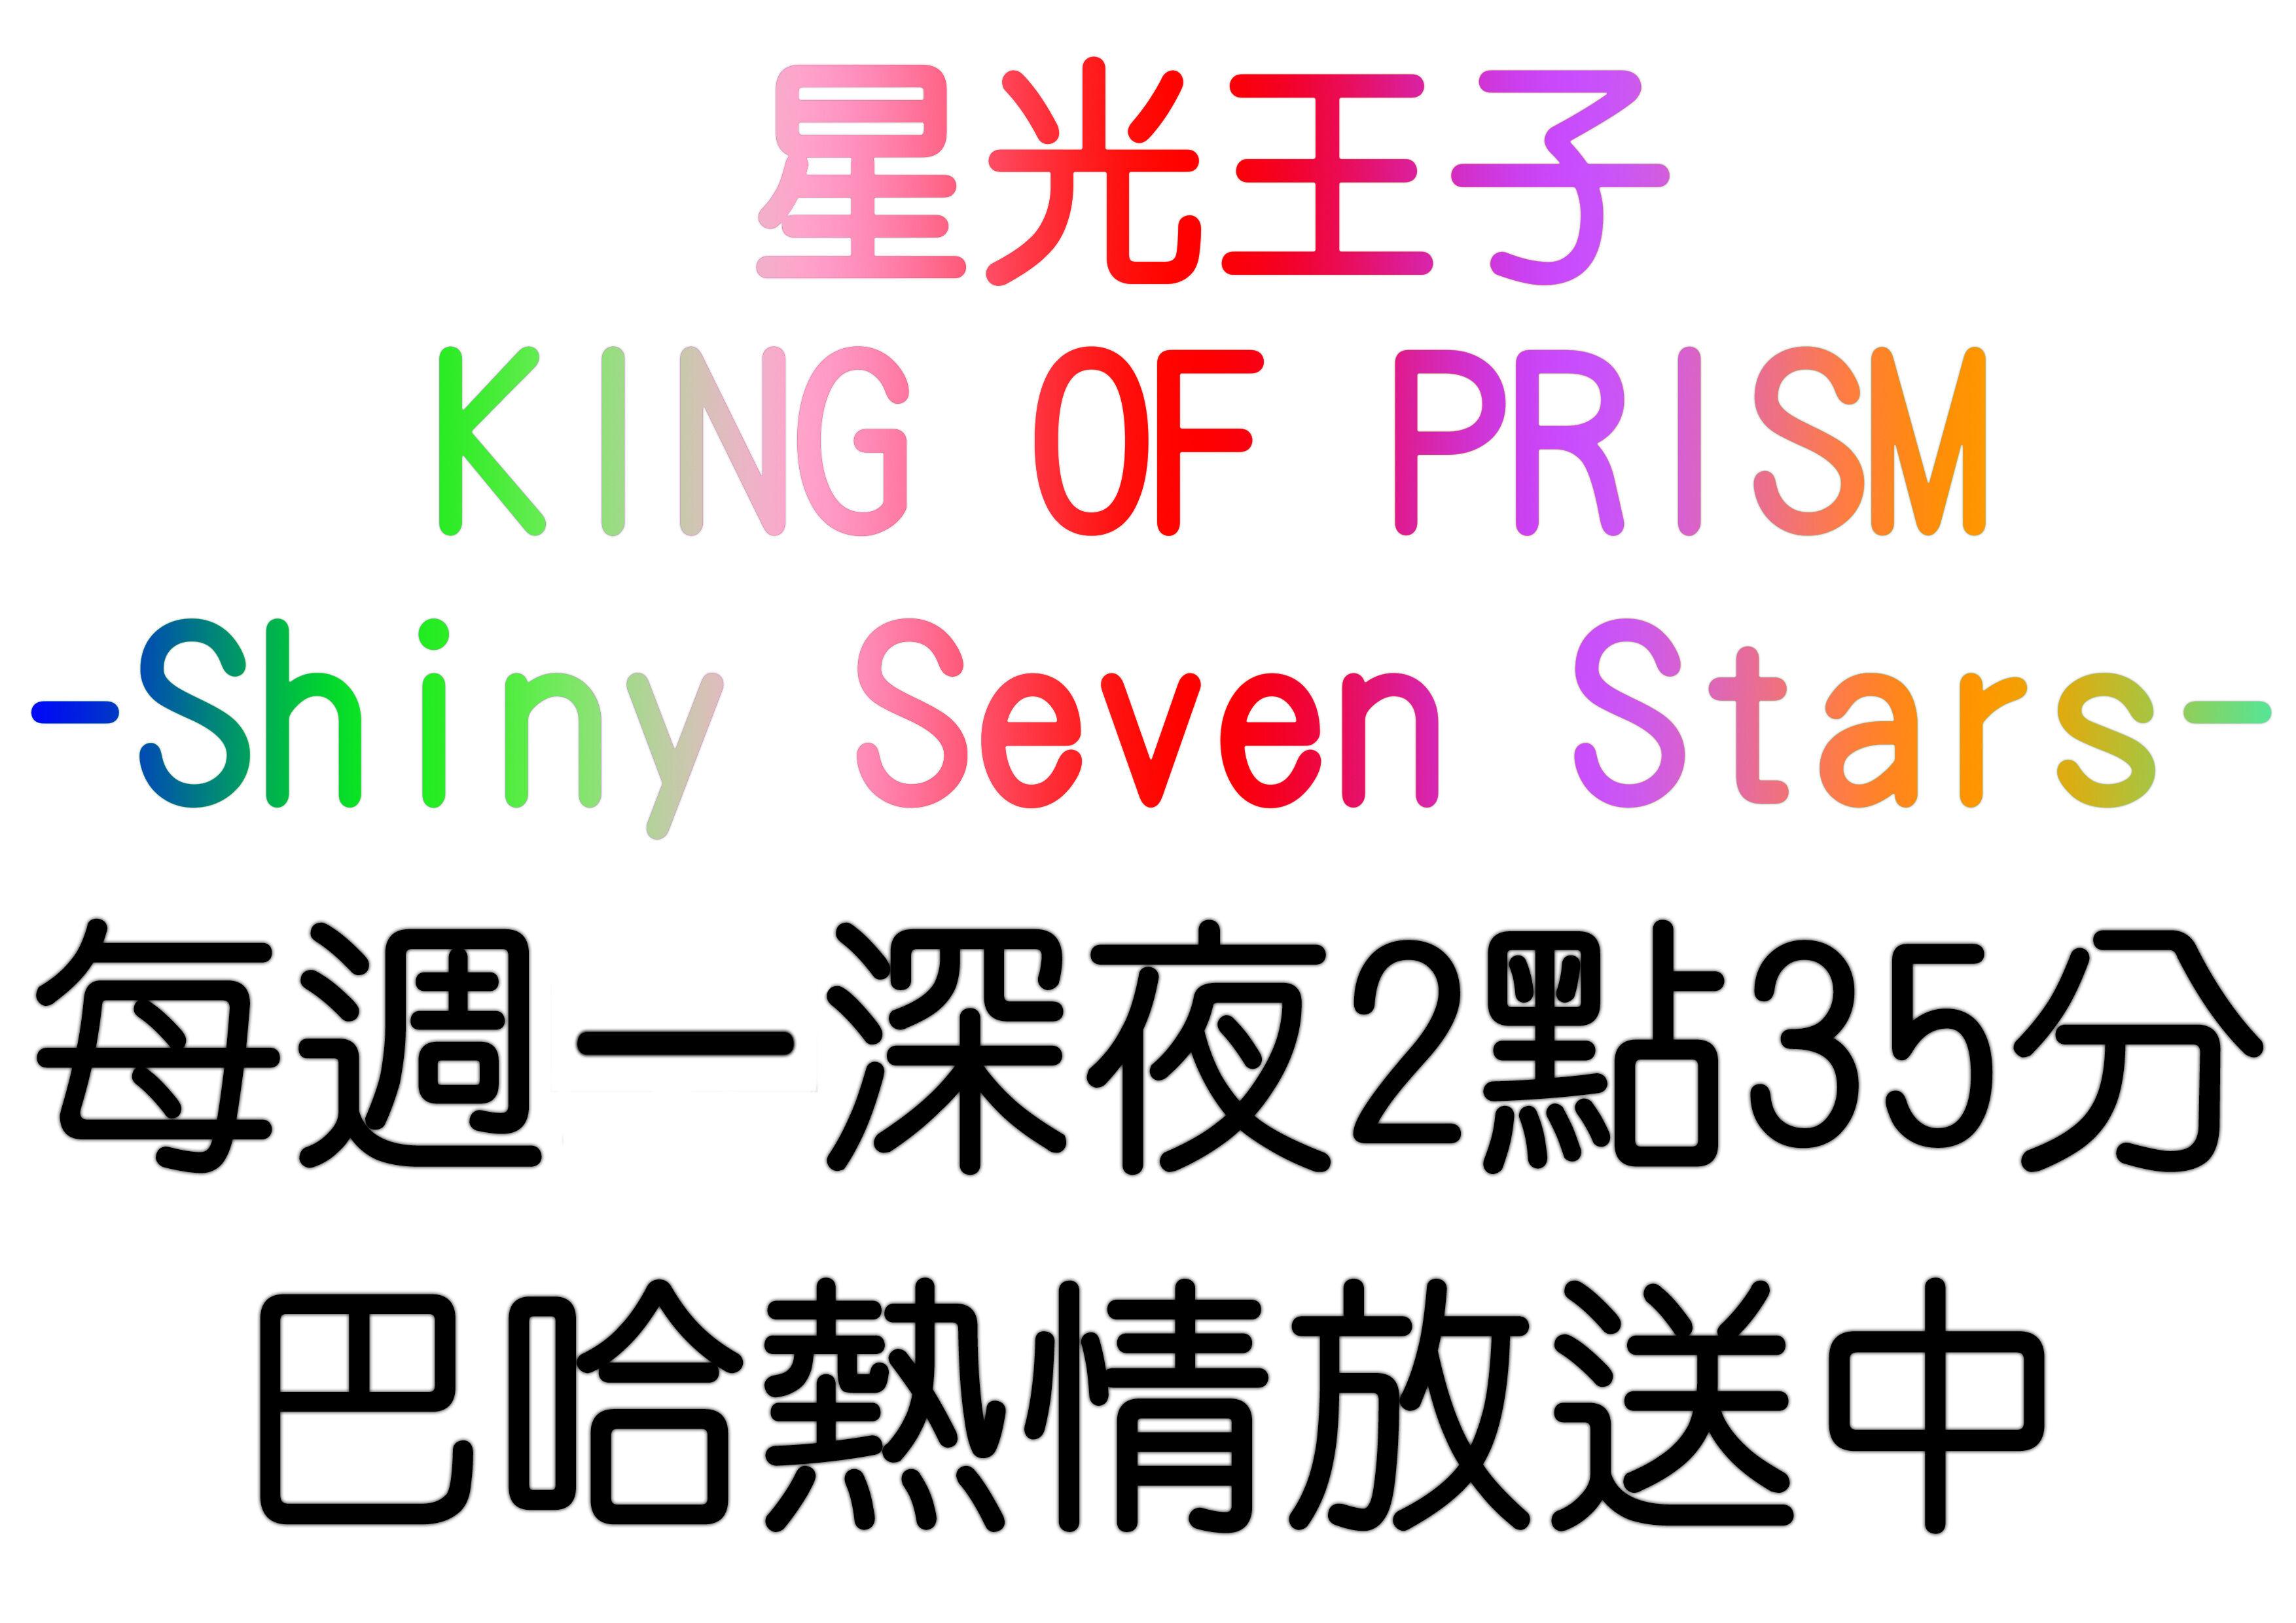 九州奶奶⚡️ ヒプノシスマイク -Street Rap Battle-/KING OF PRISM Street Un... 我知道大家昨天&剛剛聽完這個都很好奇 ...